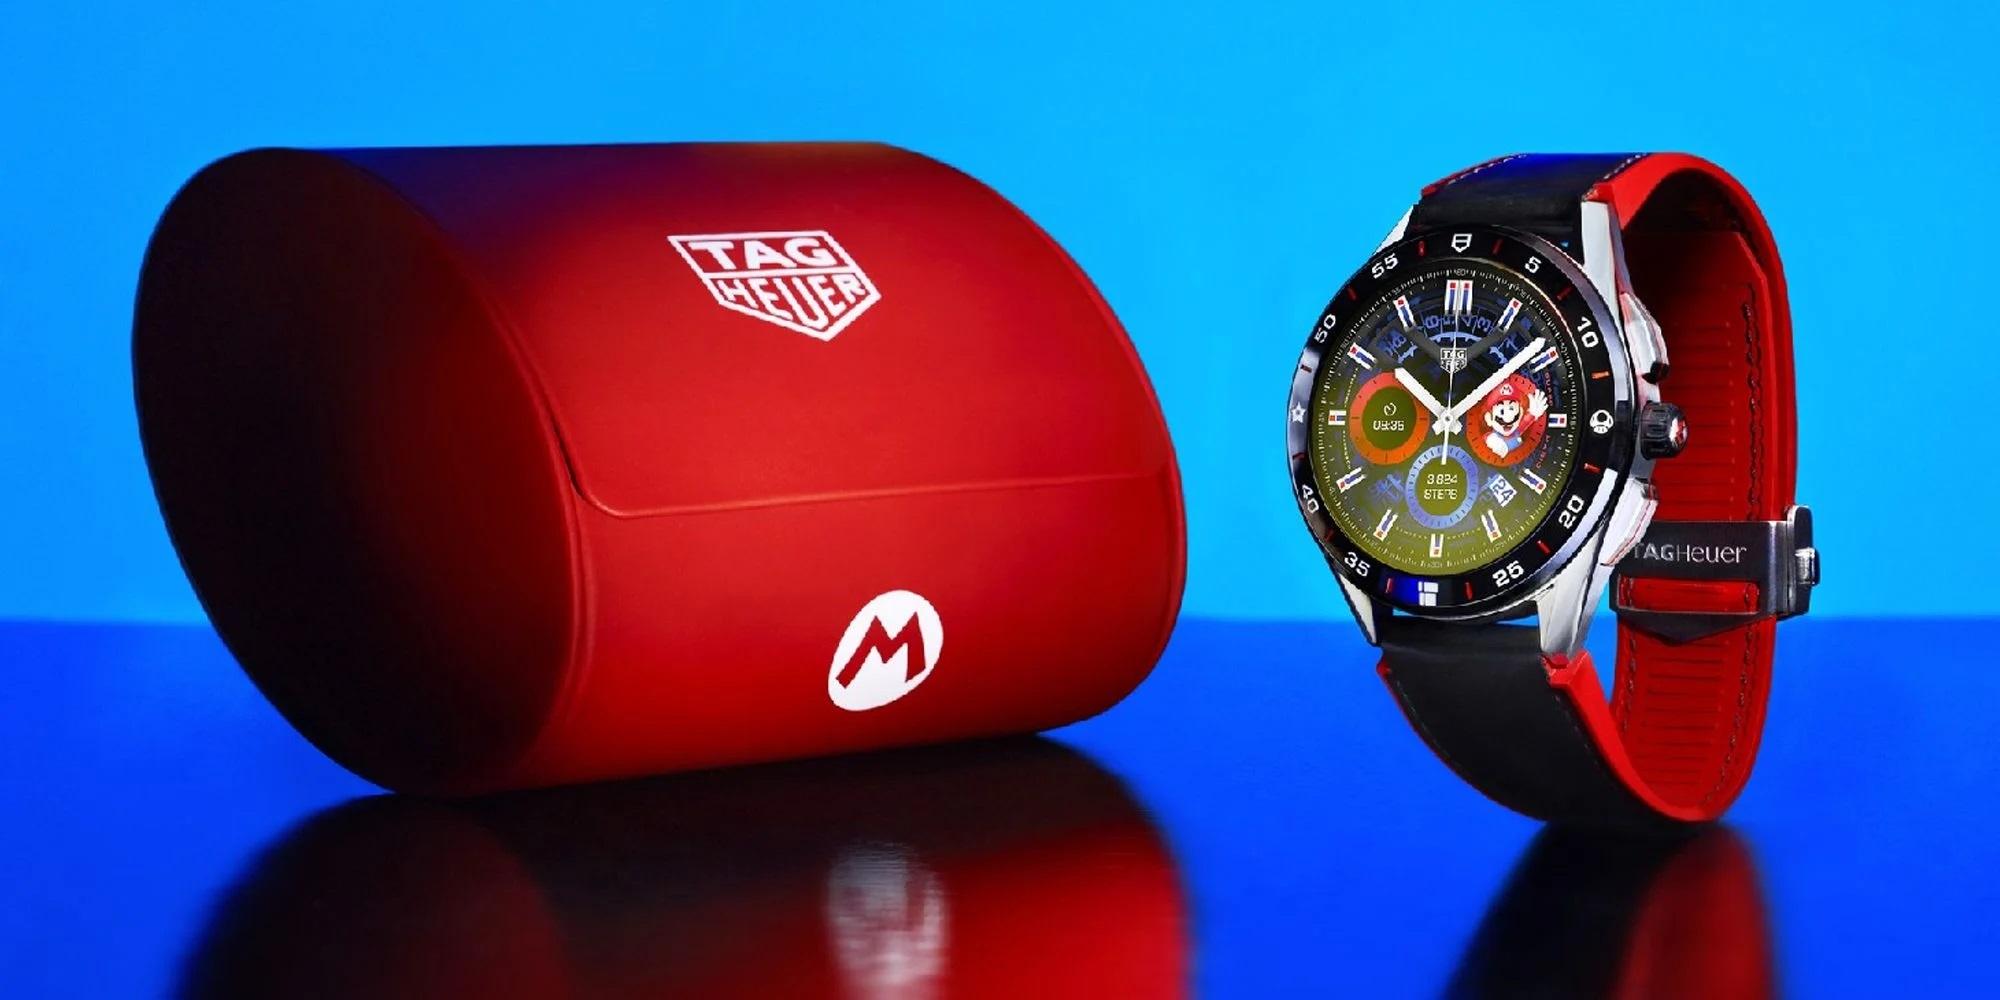 Xuất hiện đồng hồ thông minh Super Mario có giá gần 50 triệu đồng